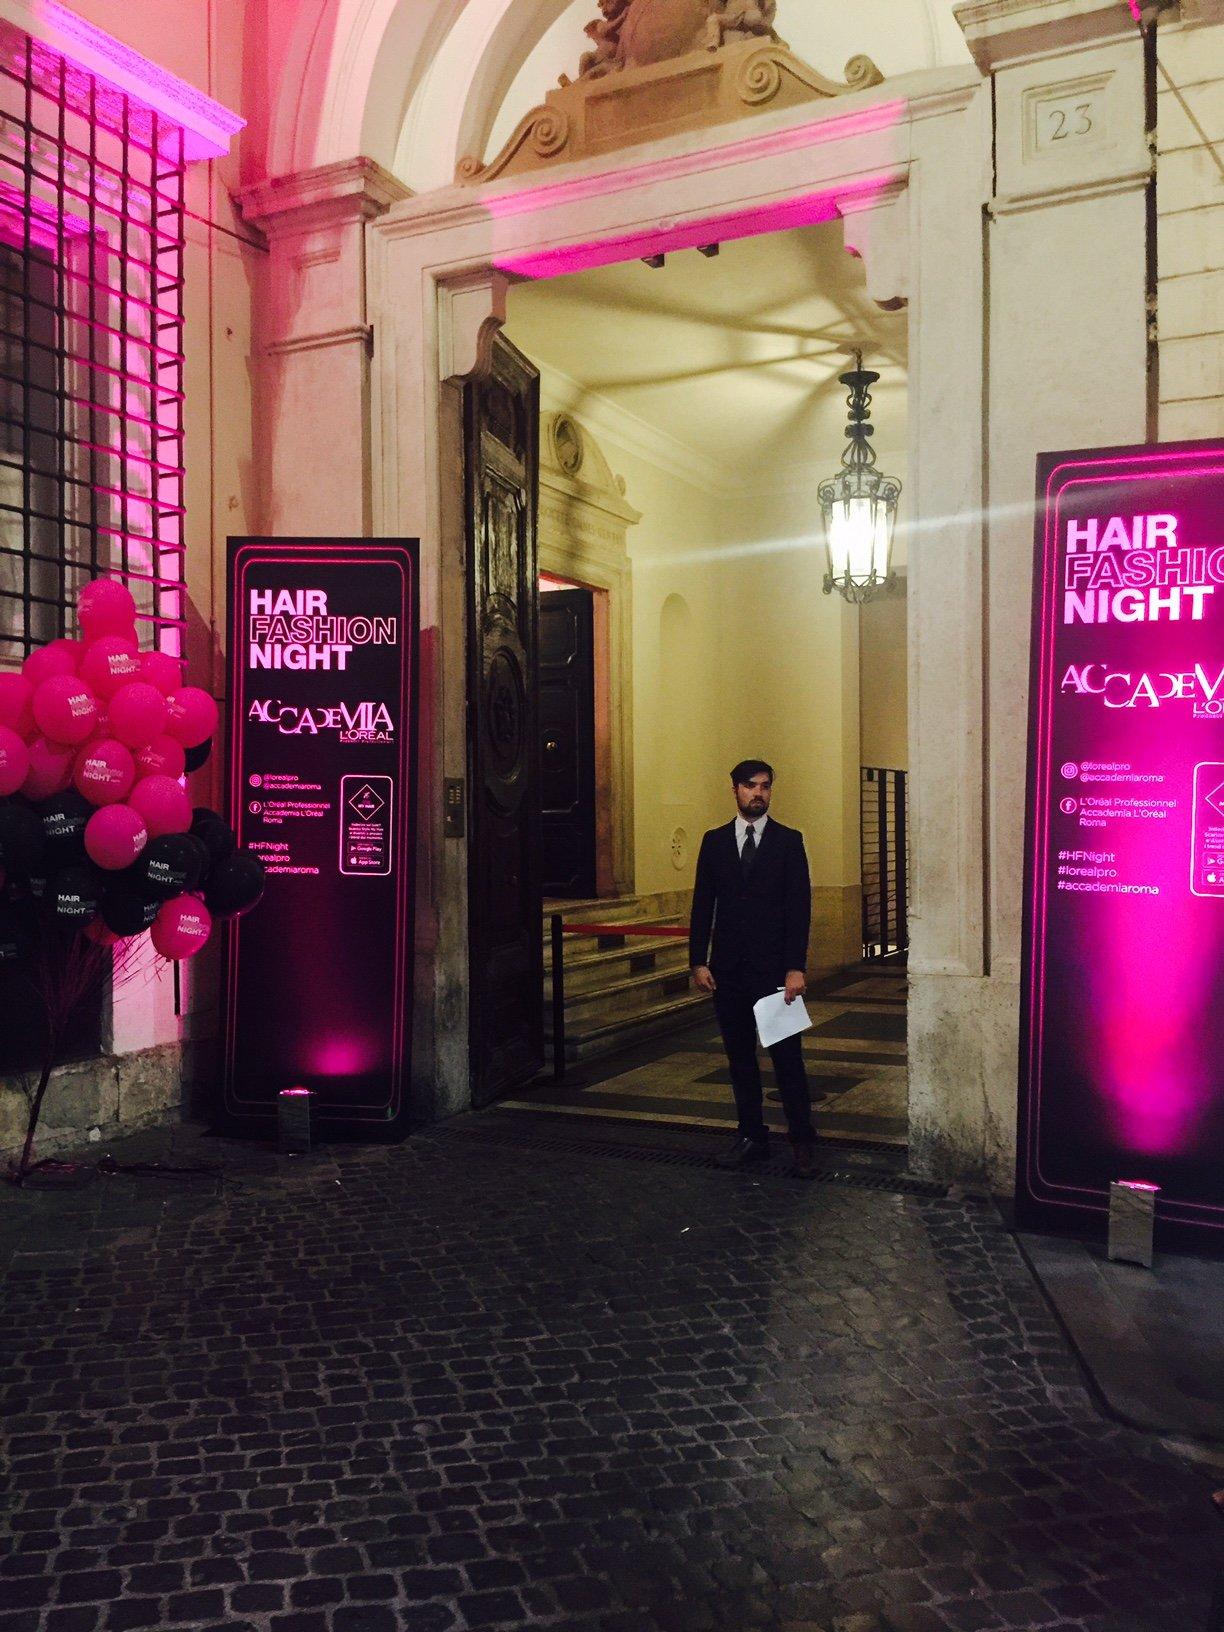 All'Accademia L'Oréal per la Hair Fashion Night